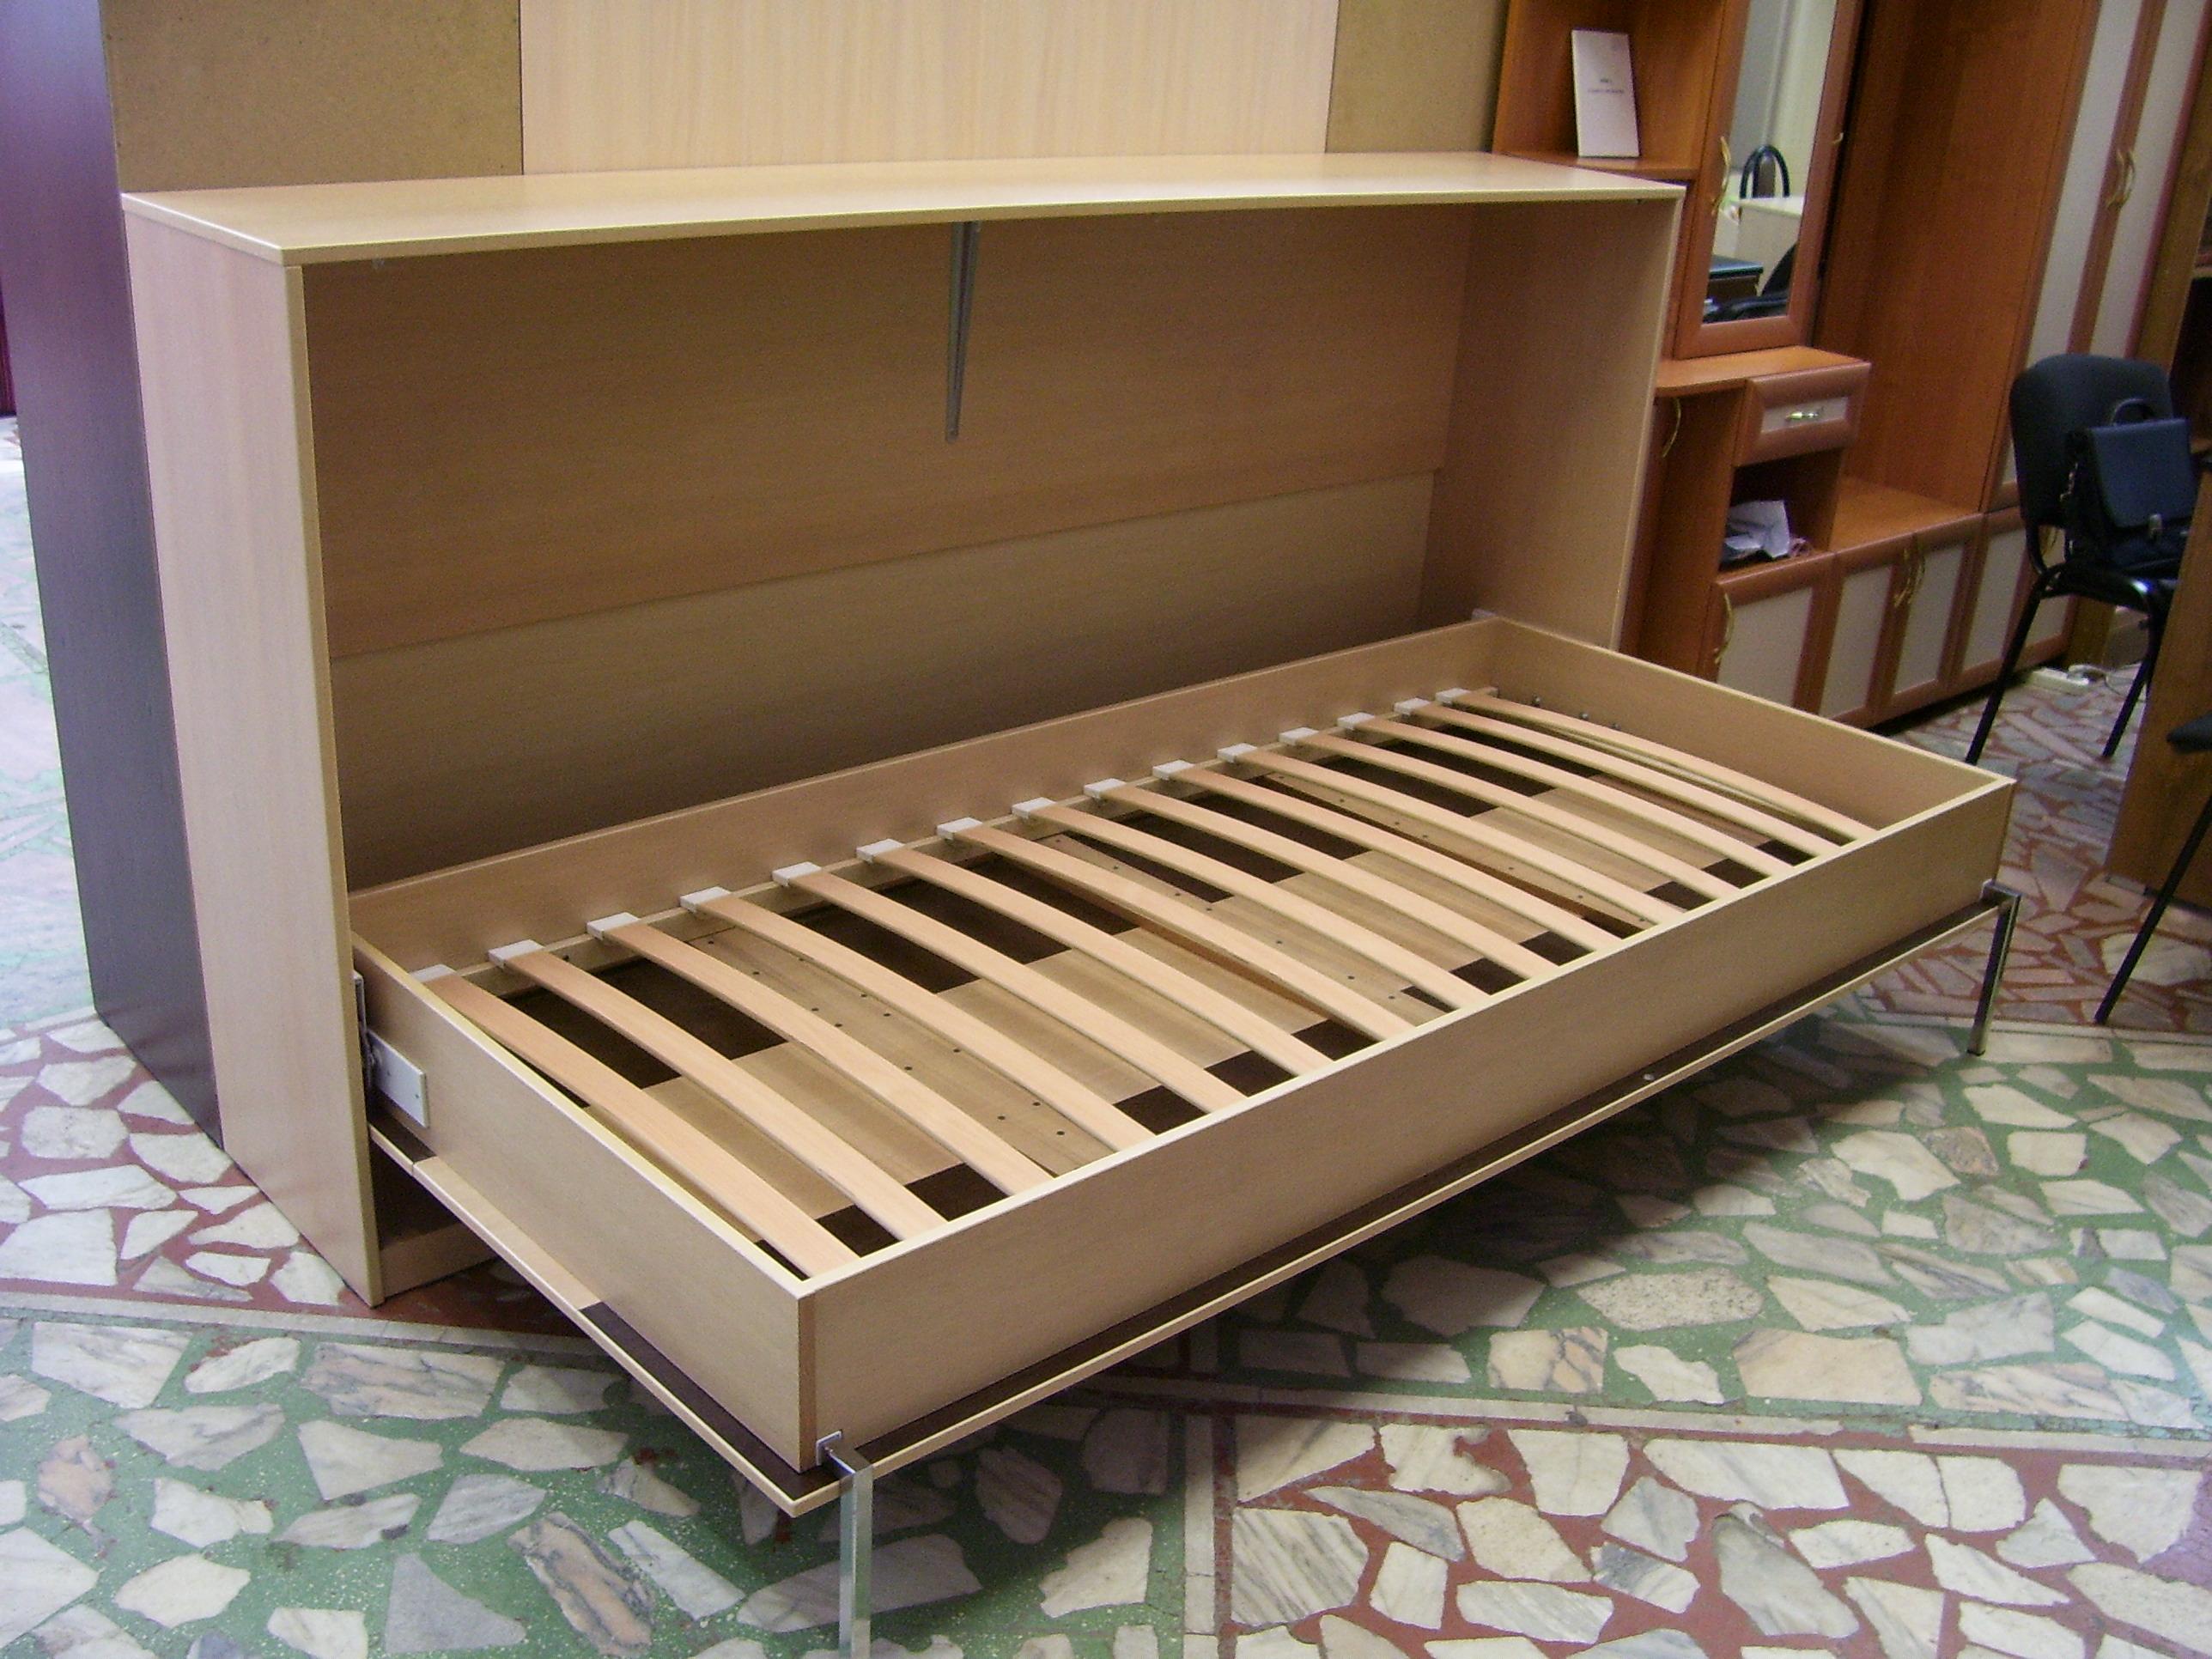 ортопедическая основа шкафа-кровати